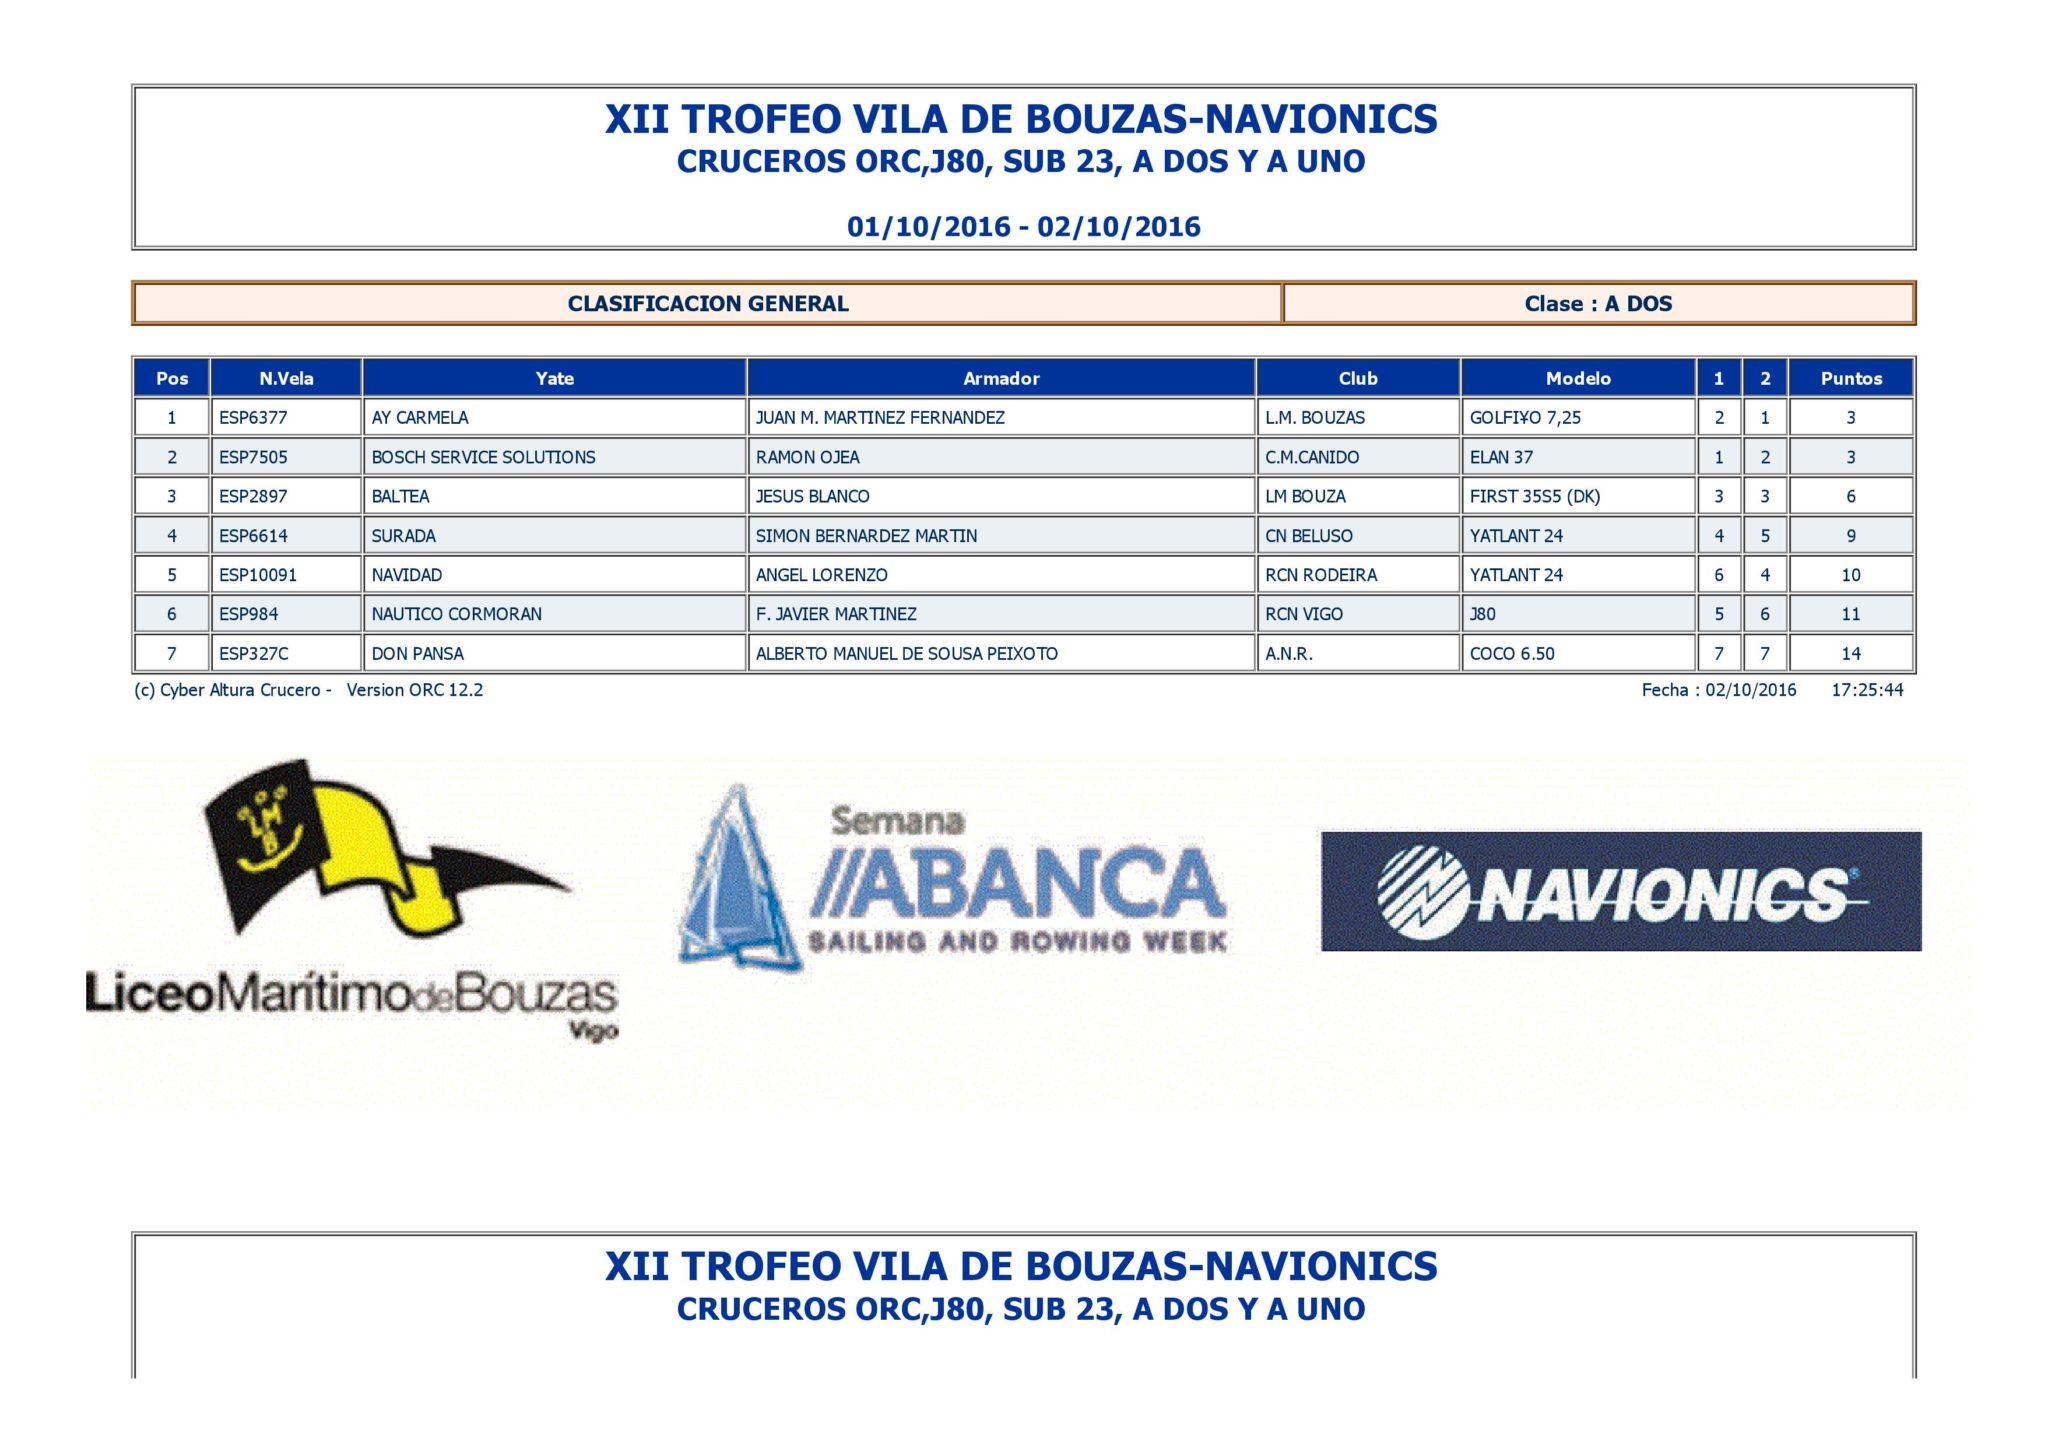 Clasificaciones SEMANA ABANCA XII TROFEO VILLA DE BOUZAS 2016